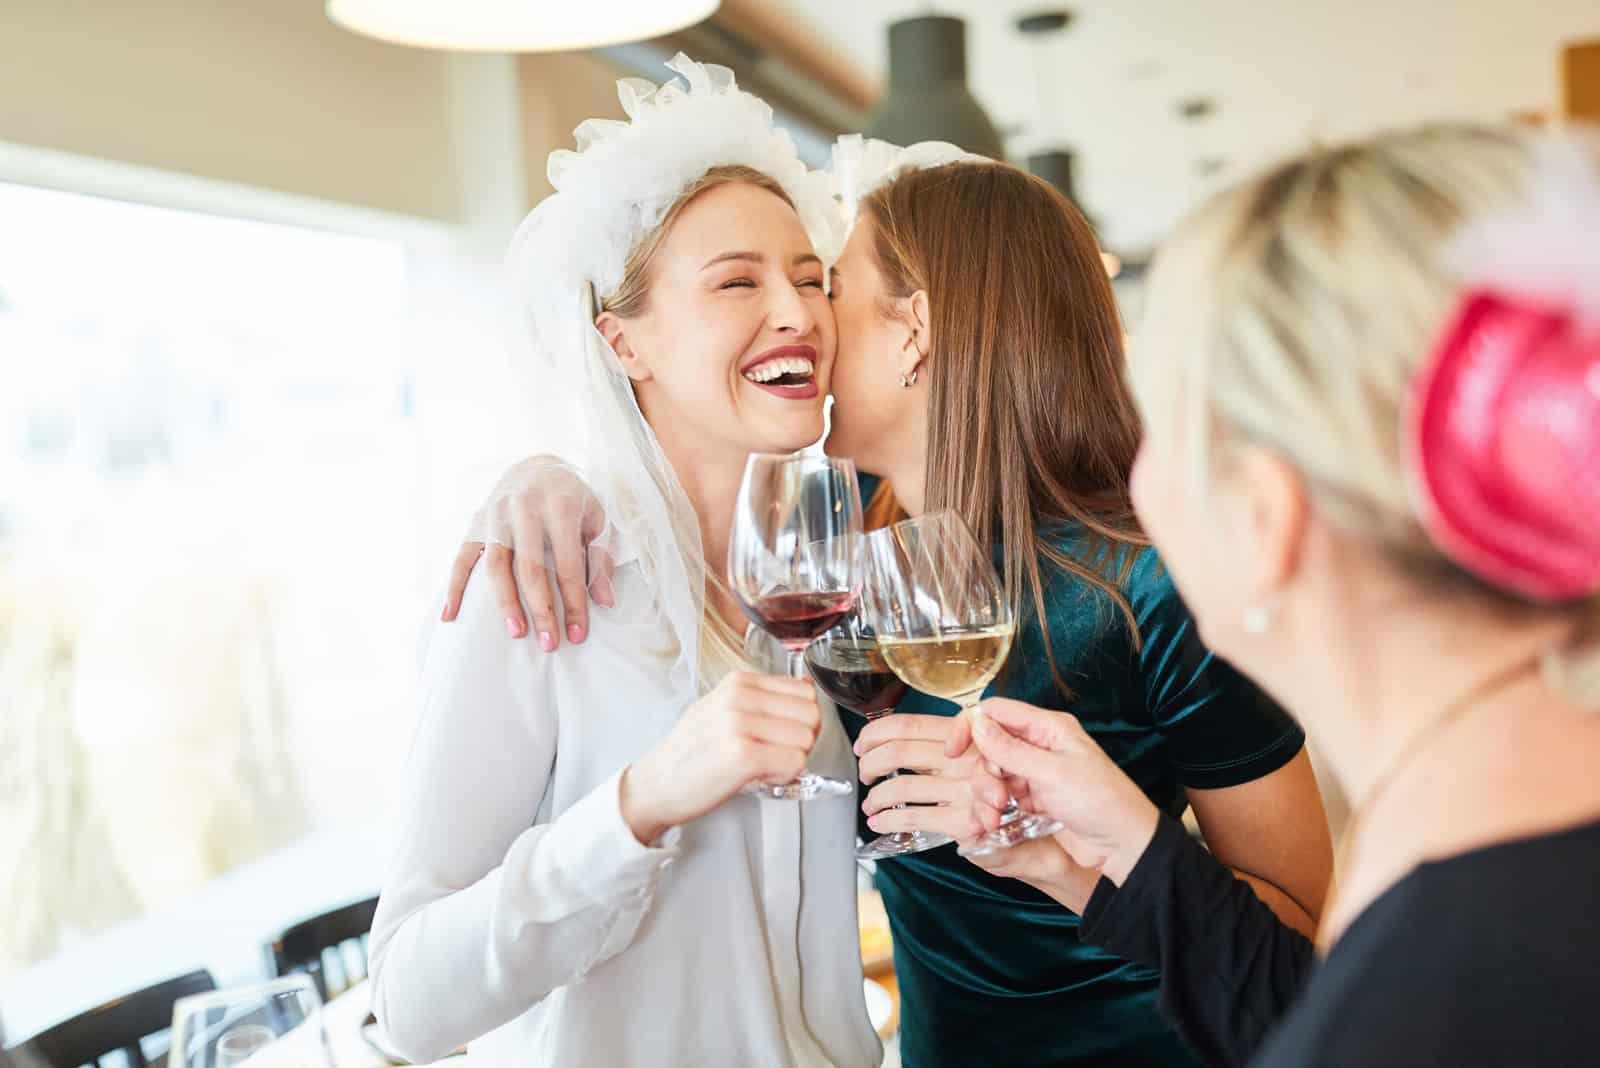 Lachende Braut mit Brautschleier wird von Freundin im Restaurant umarmt